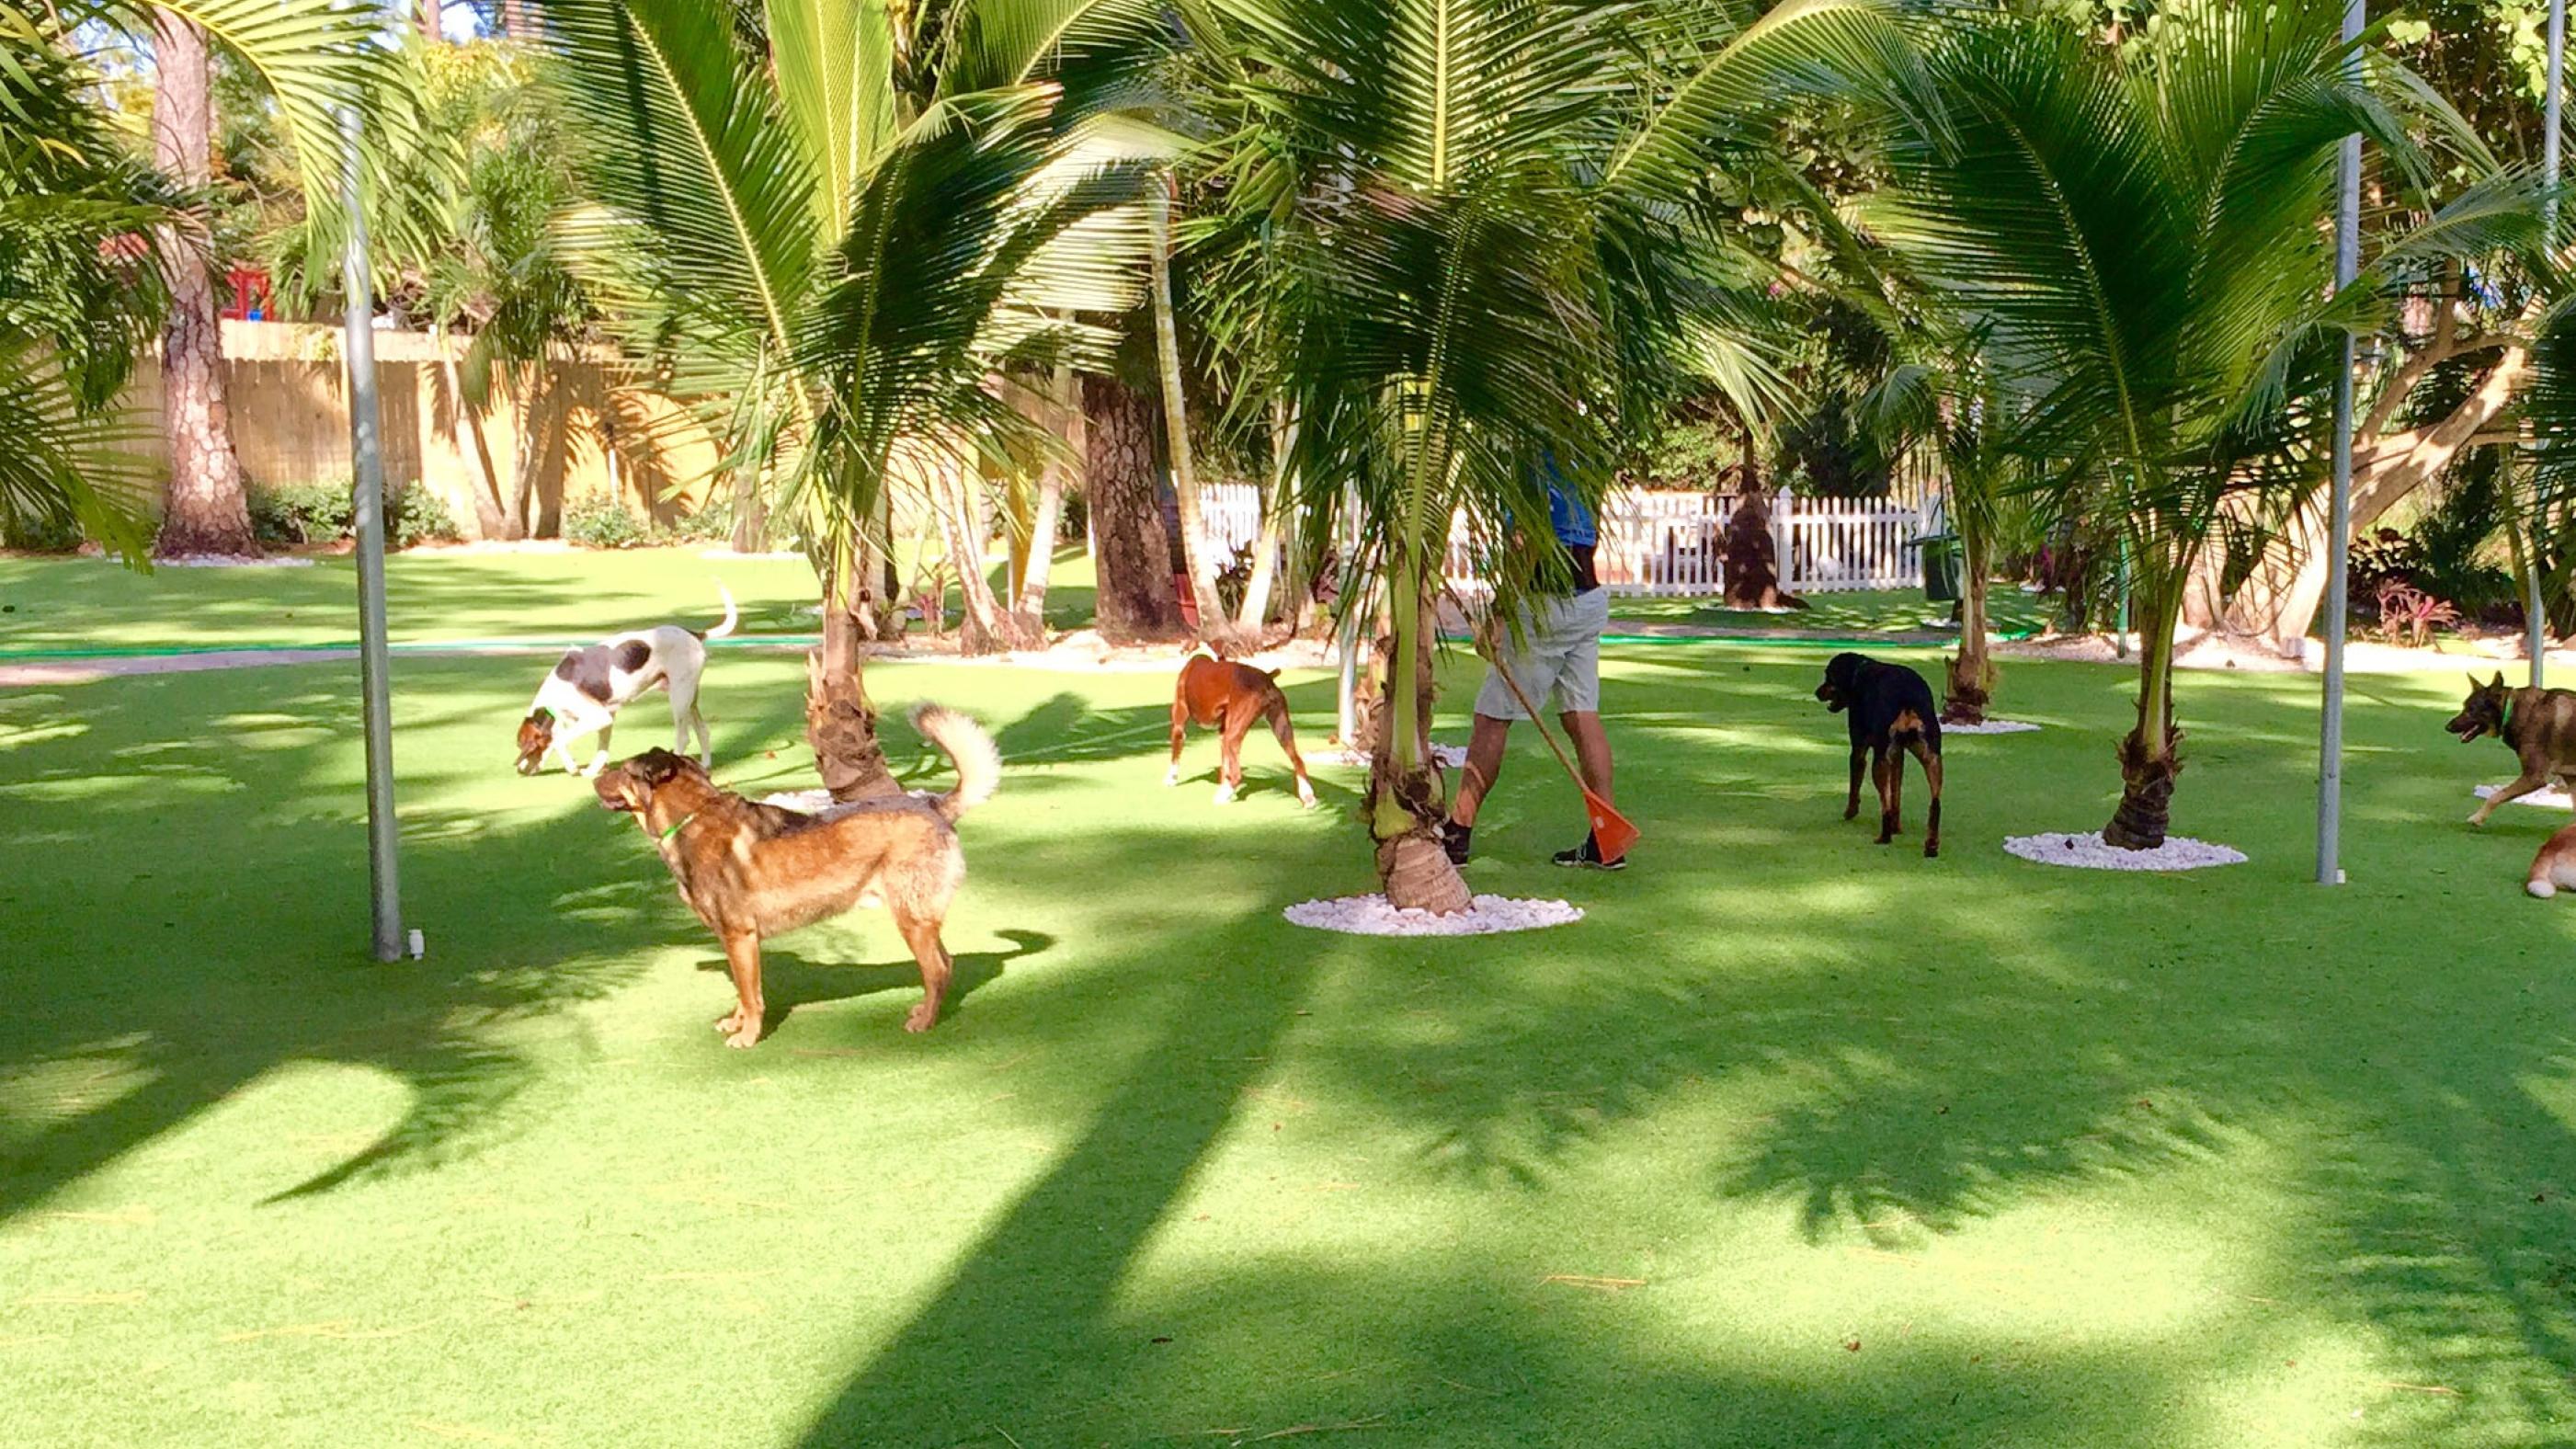 Dog Park, Artificial Grass for Dogs Laguna, California